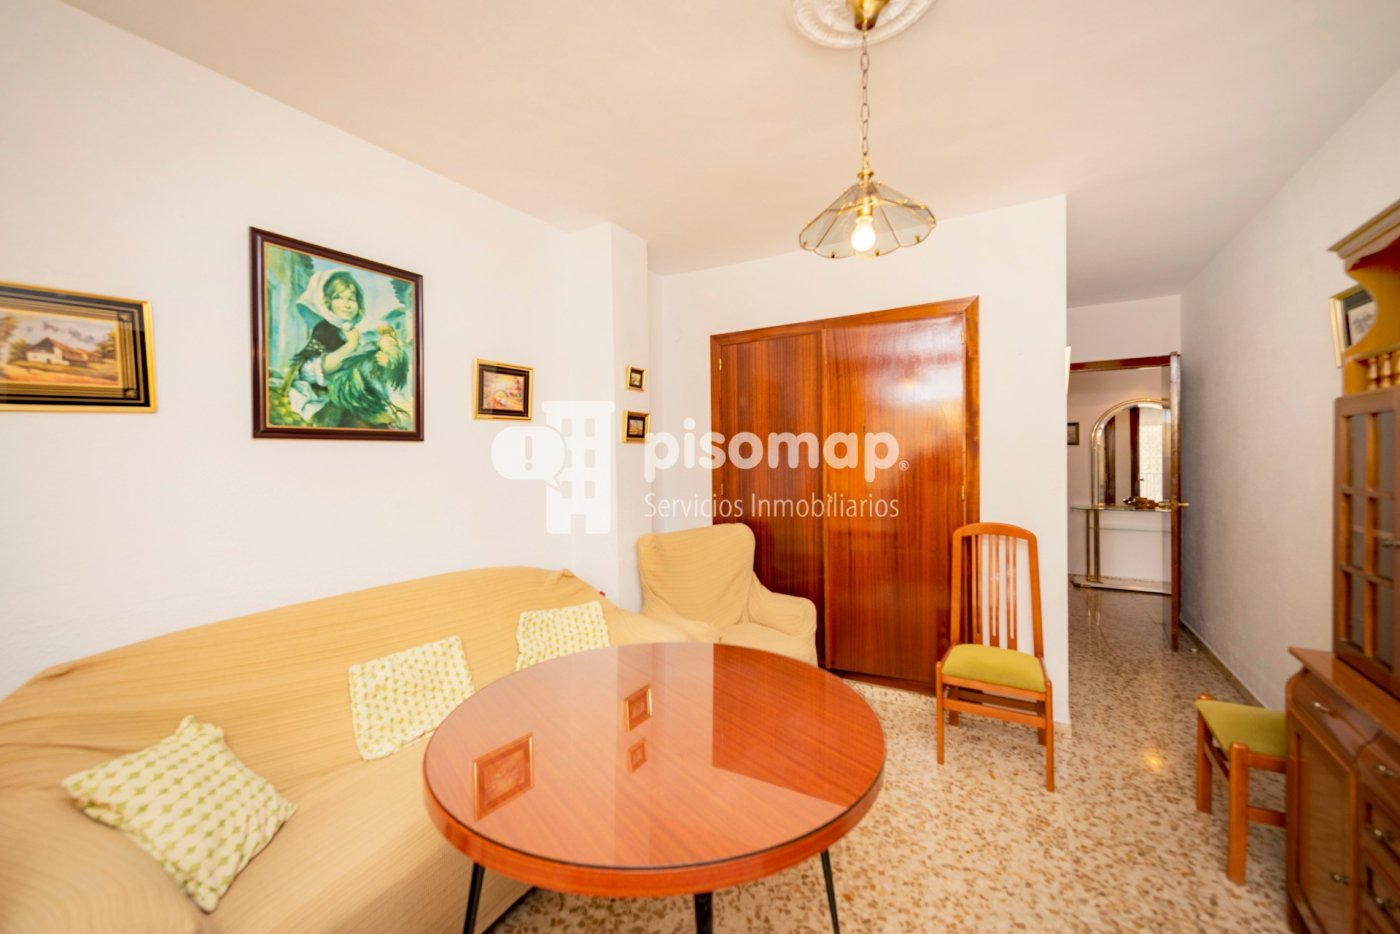 piso en antequera · cruz-blanca---av-estacion 79999€